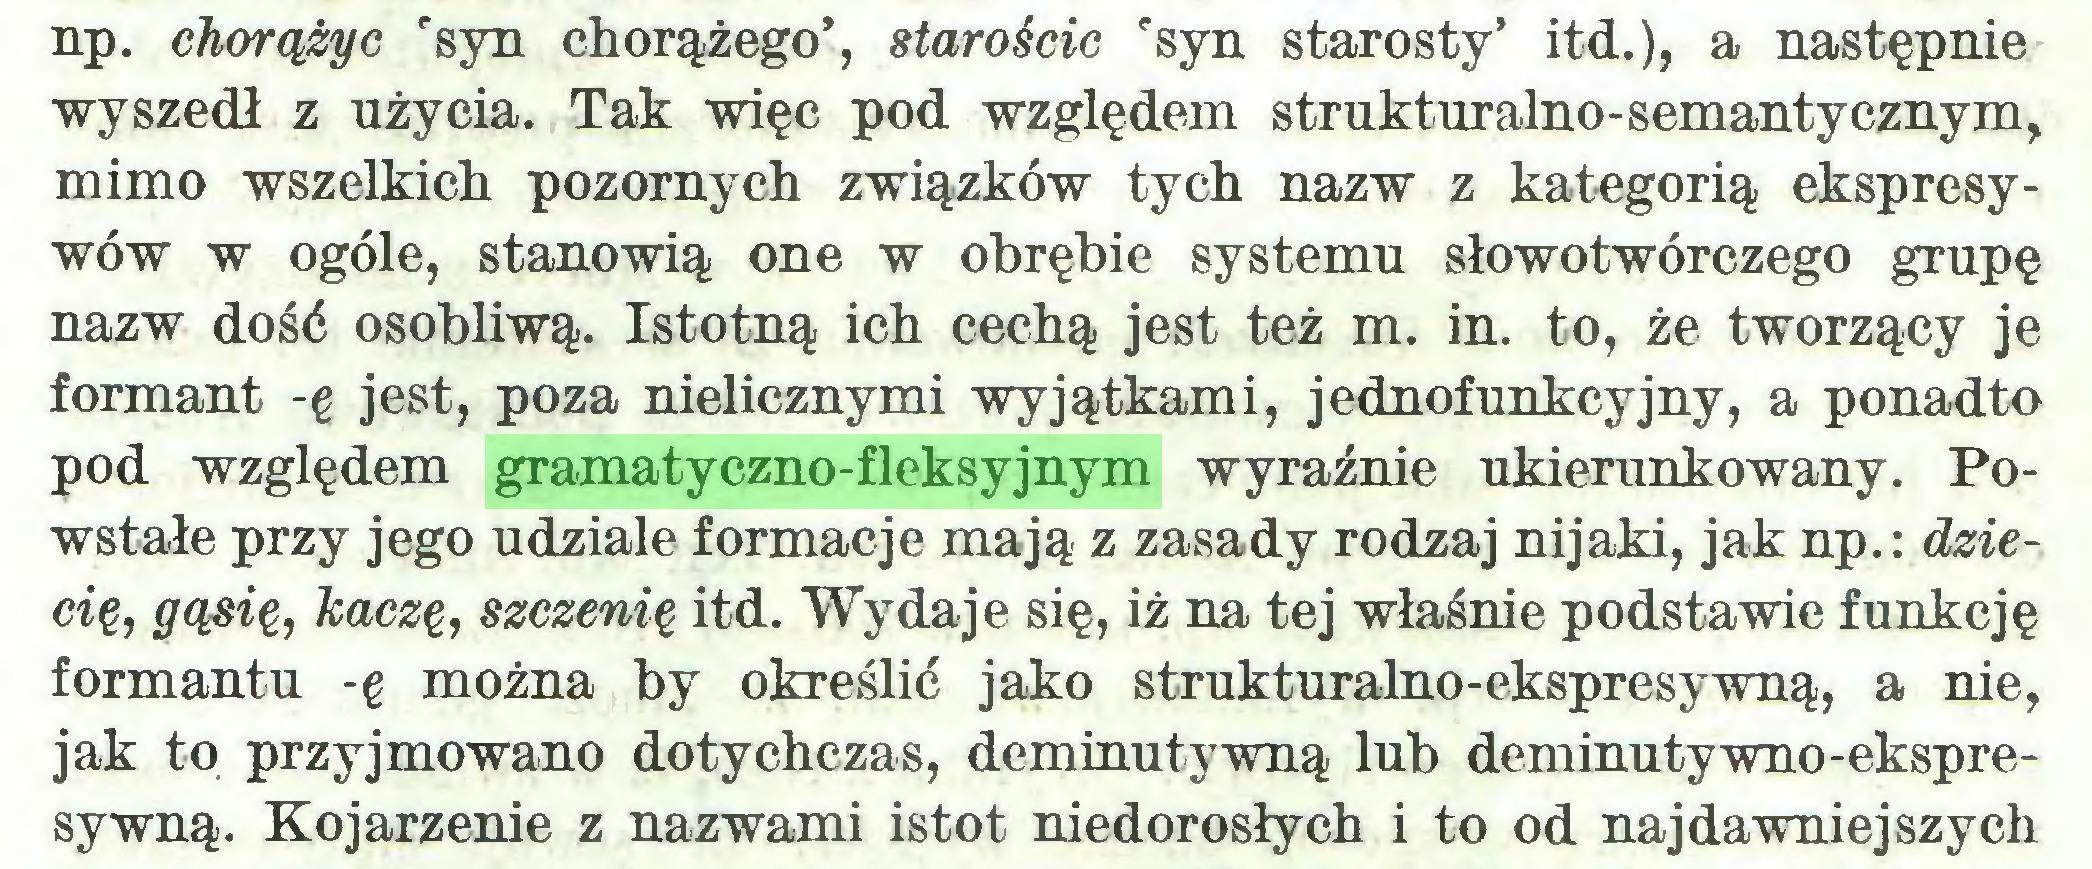 """(...) np. chorążyc rsyn chorążego', starościc """"syn starosty' itd.), a następnie wyszedł z użycia. Tak więc pod względem strukturalno-semantycznym, mimo wszelkich pozornych związków tych nazw z kategorią ekspresywów w ogóle, stanowią one w obrębie systemu słowotwórczego grupę nazw dość osobliwą. Istotną ich cechą jest też m. in. to, że tworzący je formant -ę jest, poza nielicznymi wyjątkami, jednofunkcyjny, a ponadto pod względem gramatyczno-fleksyjnym wyraźnie ukierunkowany. Powstałe przy jego udziale formacje mają z zasady rodzaj nijaki, jak np.: dziecię, gąsię, kaczę, szczenię itd. Wydaje się, iż na tej właśnie podstawie funkcję formantu -ę można by określić jako strukturalno-ekspresywną, a nie, jak to przyjmowano dotychczas, deminutywną lub deminutywno-ekspresywną. Kojarzenie z nazwami istot niedorosłych i to od najdawniejszych..."""